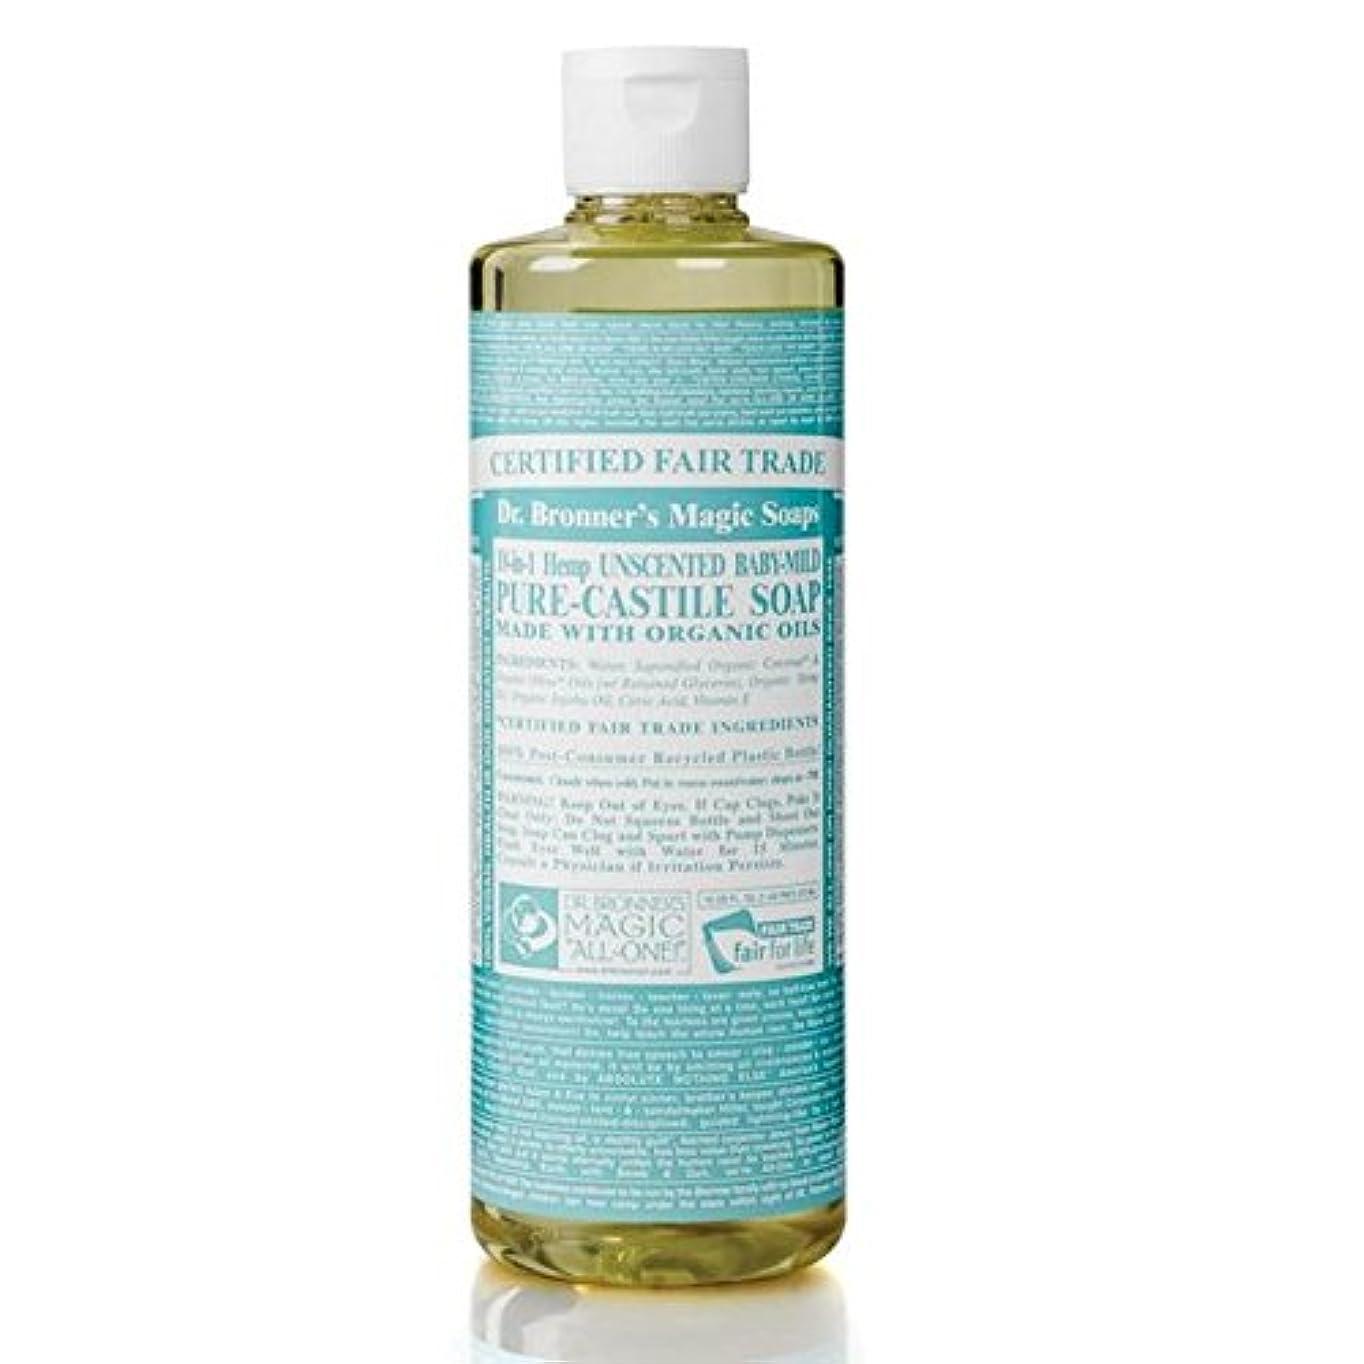 ガム信者魅惑的なDr Bronner Organic Baby Mild Castile Liquid Soap 473ml (Pack of 6) - のブロナーオーガニックベビーマイルドなカスティーリャ液体石鹸473ミリリットル x6...